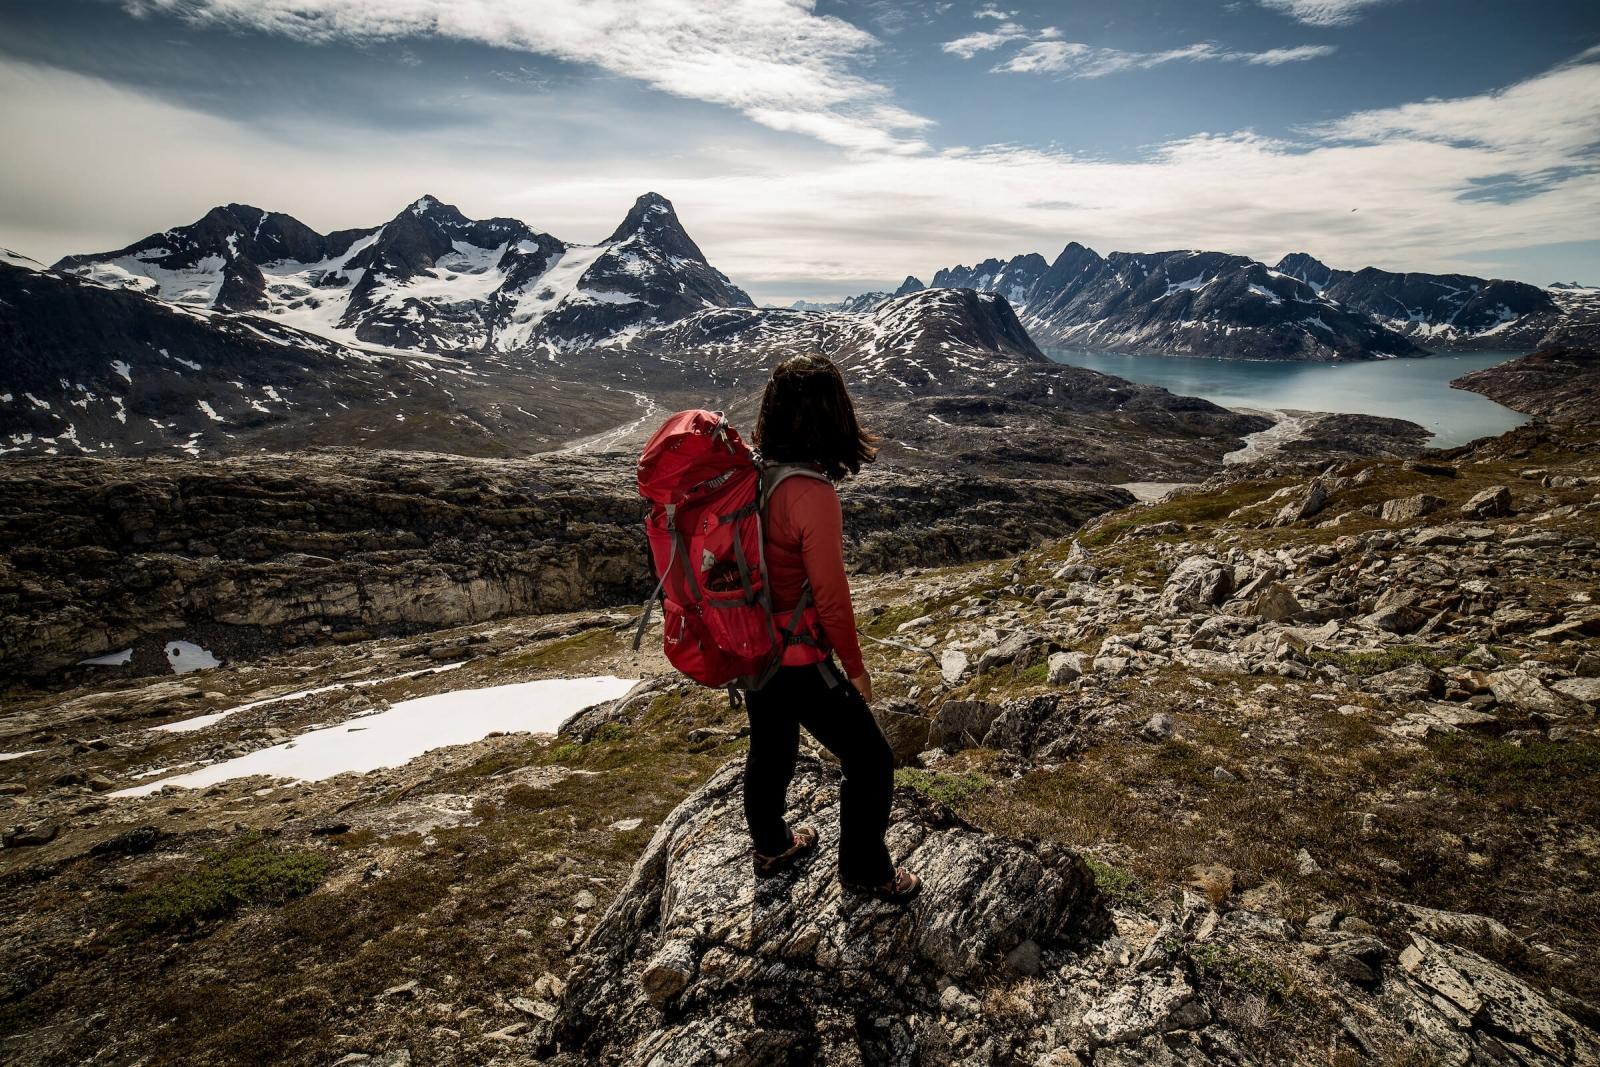 A hiker looking towards Tasiilaq Island in East Greenland